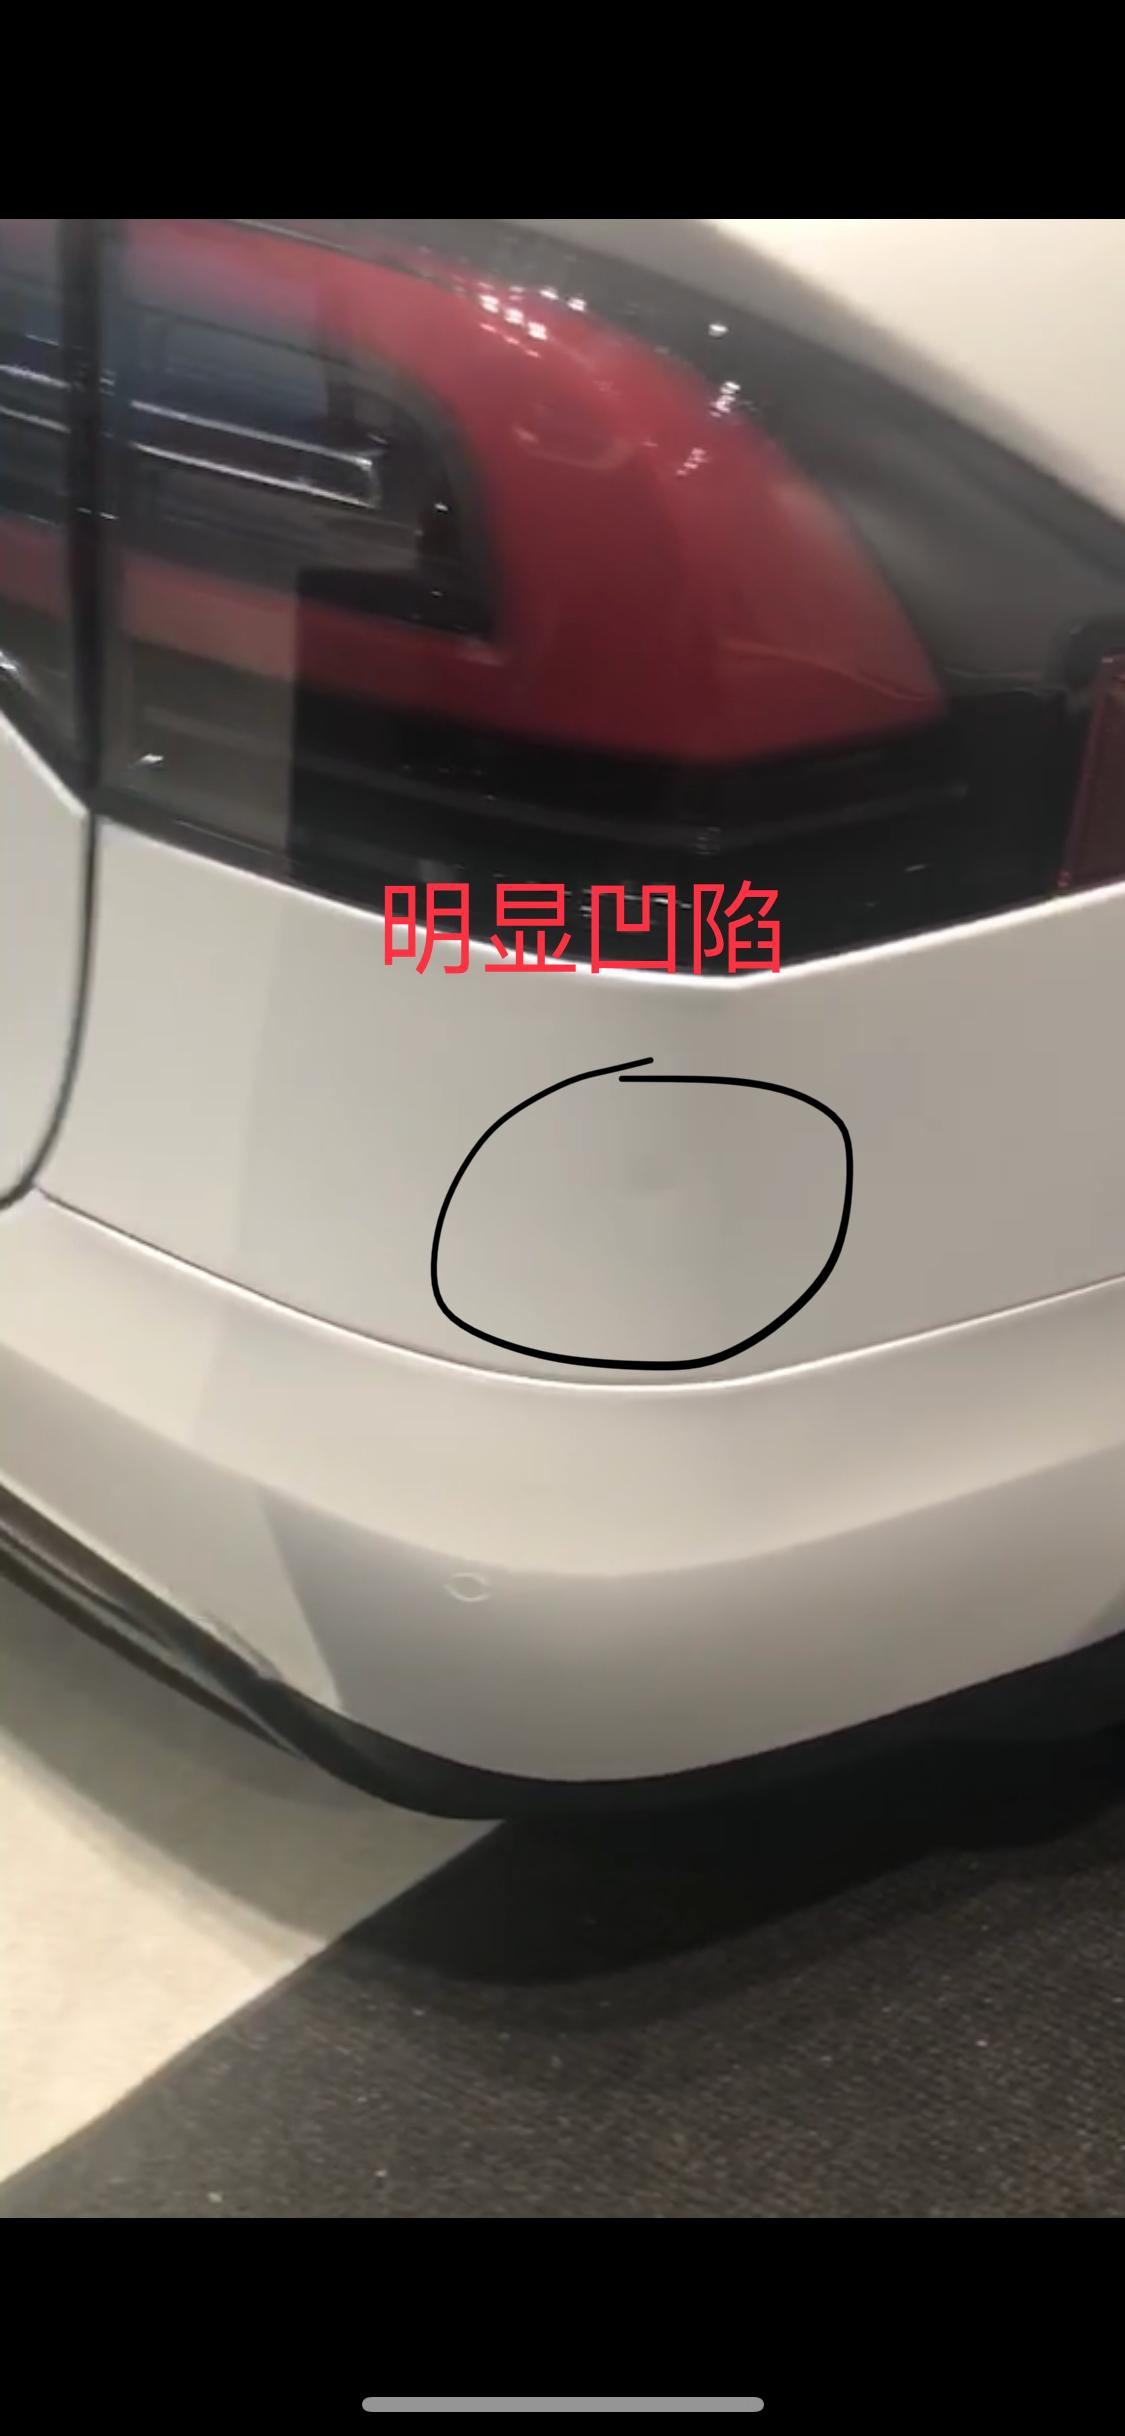 特斯拉-MODEL X 提车的时候发现新车存在众多问题,4S店服务态度恶劣